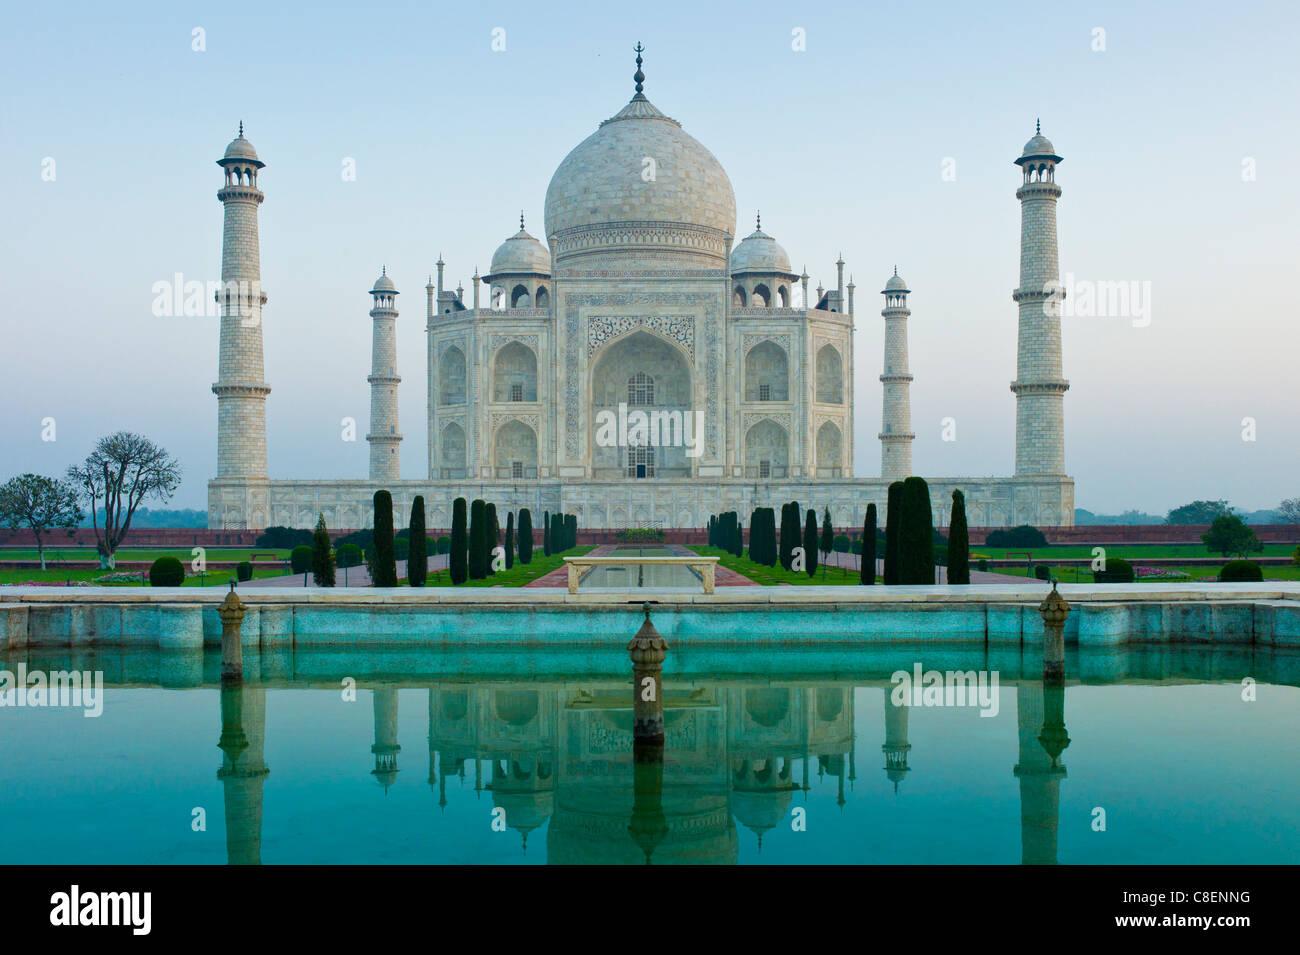 Il Taj Mahal mausoleo del sud con vista piscina riflettente e cipressi, Uttar Pradesh, India Immagini Stock